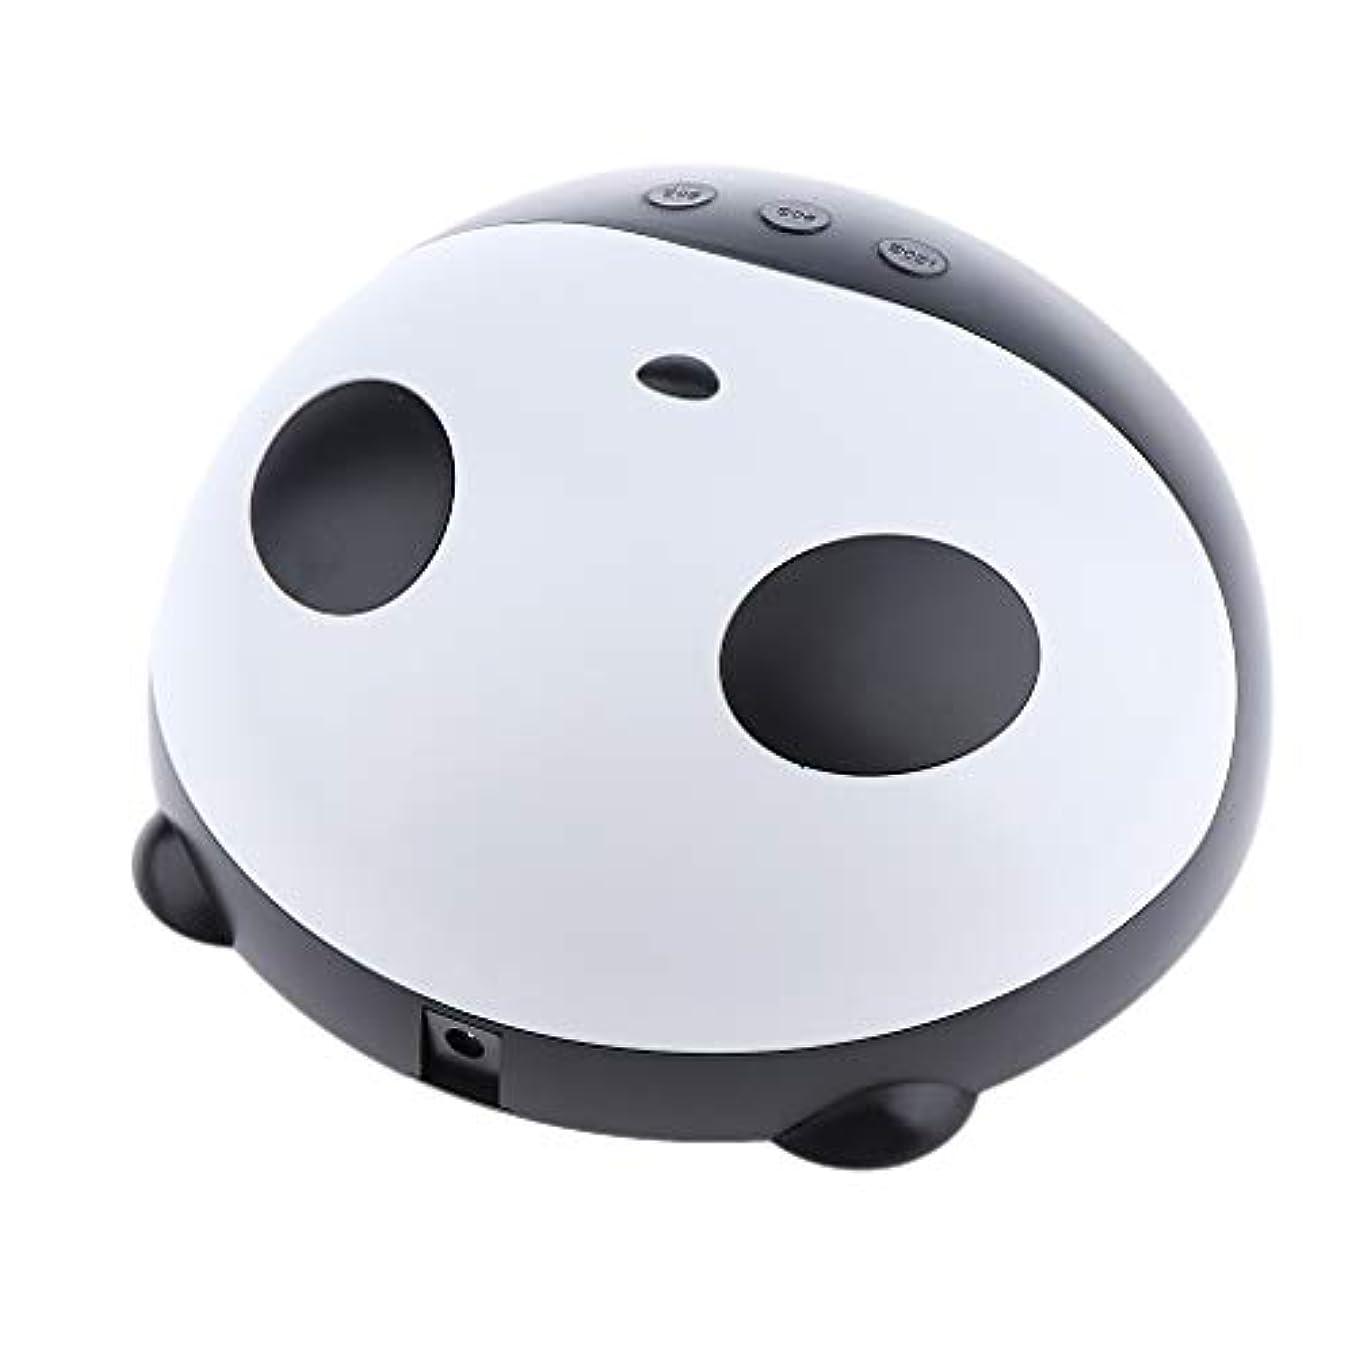 崇拝します繊毛ペチュランスToygogo 36Wパンダ形状美容ネイルサロンLED UVネイルドライヤー硬化ランプ用ネイルジェルベースポリッシュ乾燥USB